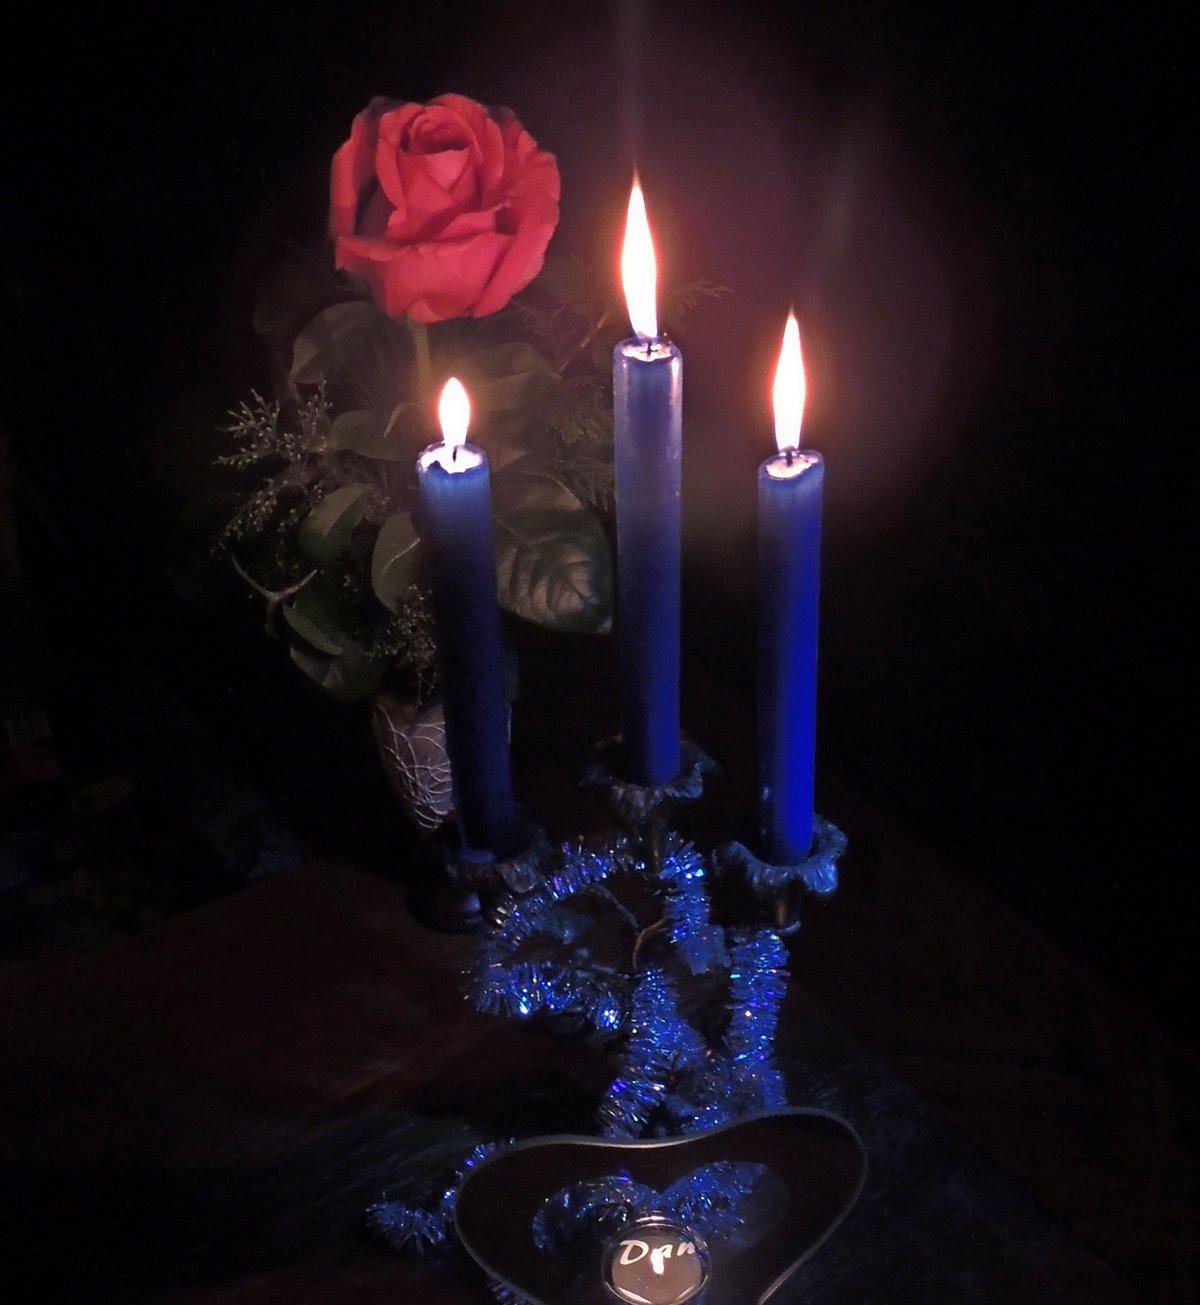 картинки со свечами с цветами сала для себя